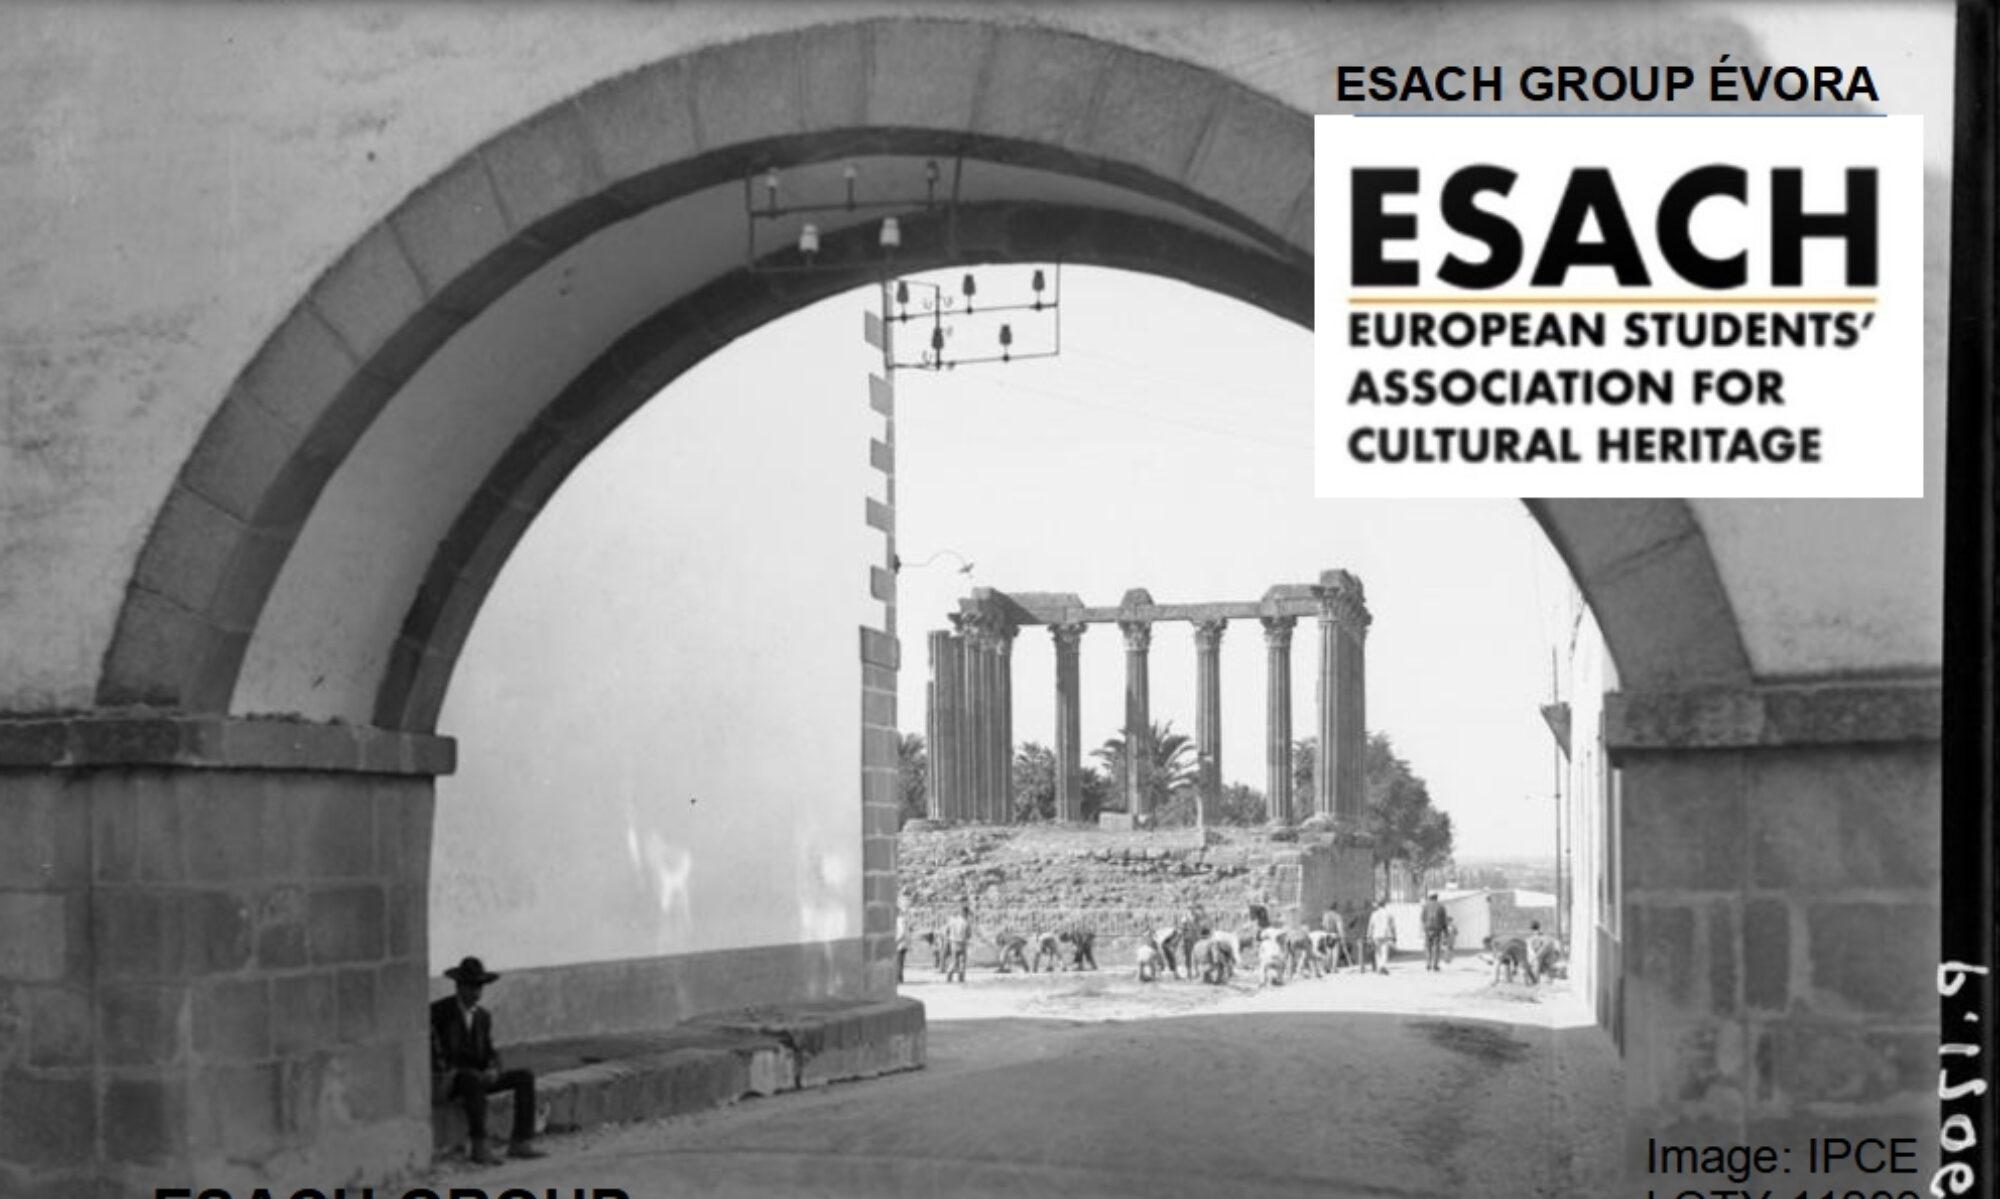 Evora ESACH Group